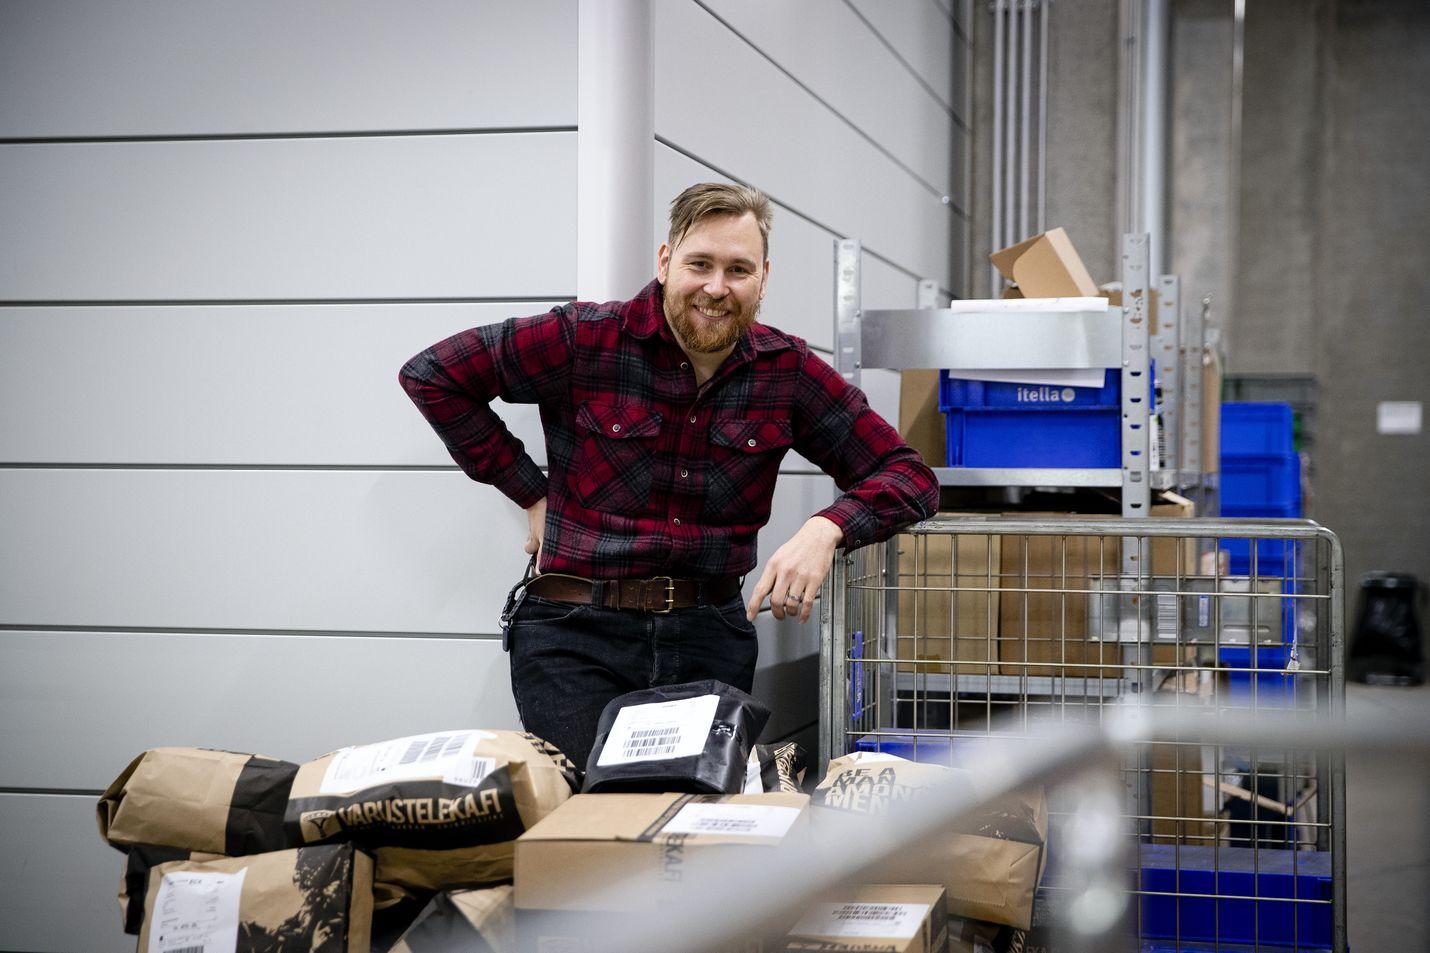 Varustelekan perustaja Valtteri Lindholm sanoo, että onnistunut verkko-ostaminen vaatii viitseliäisyyttä niin verkkokaupan pyörittäjältä kuin kuluttajalta.